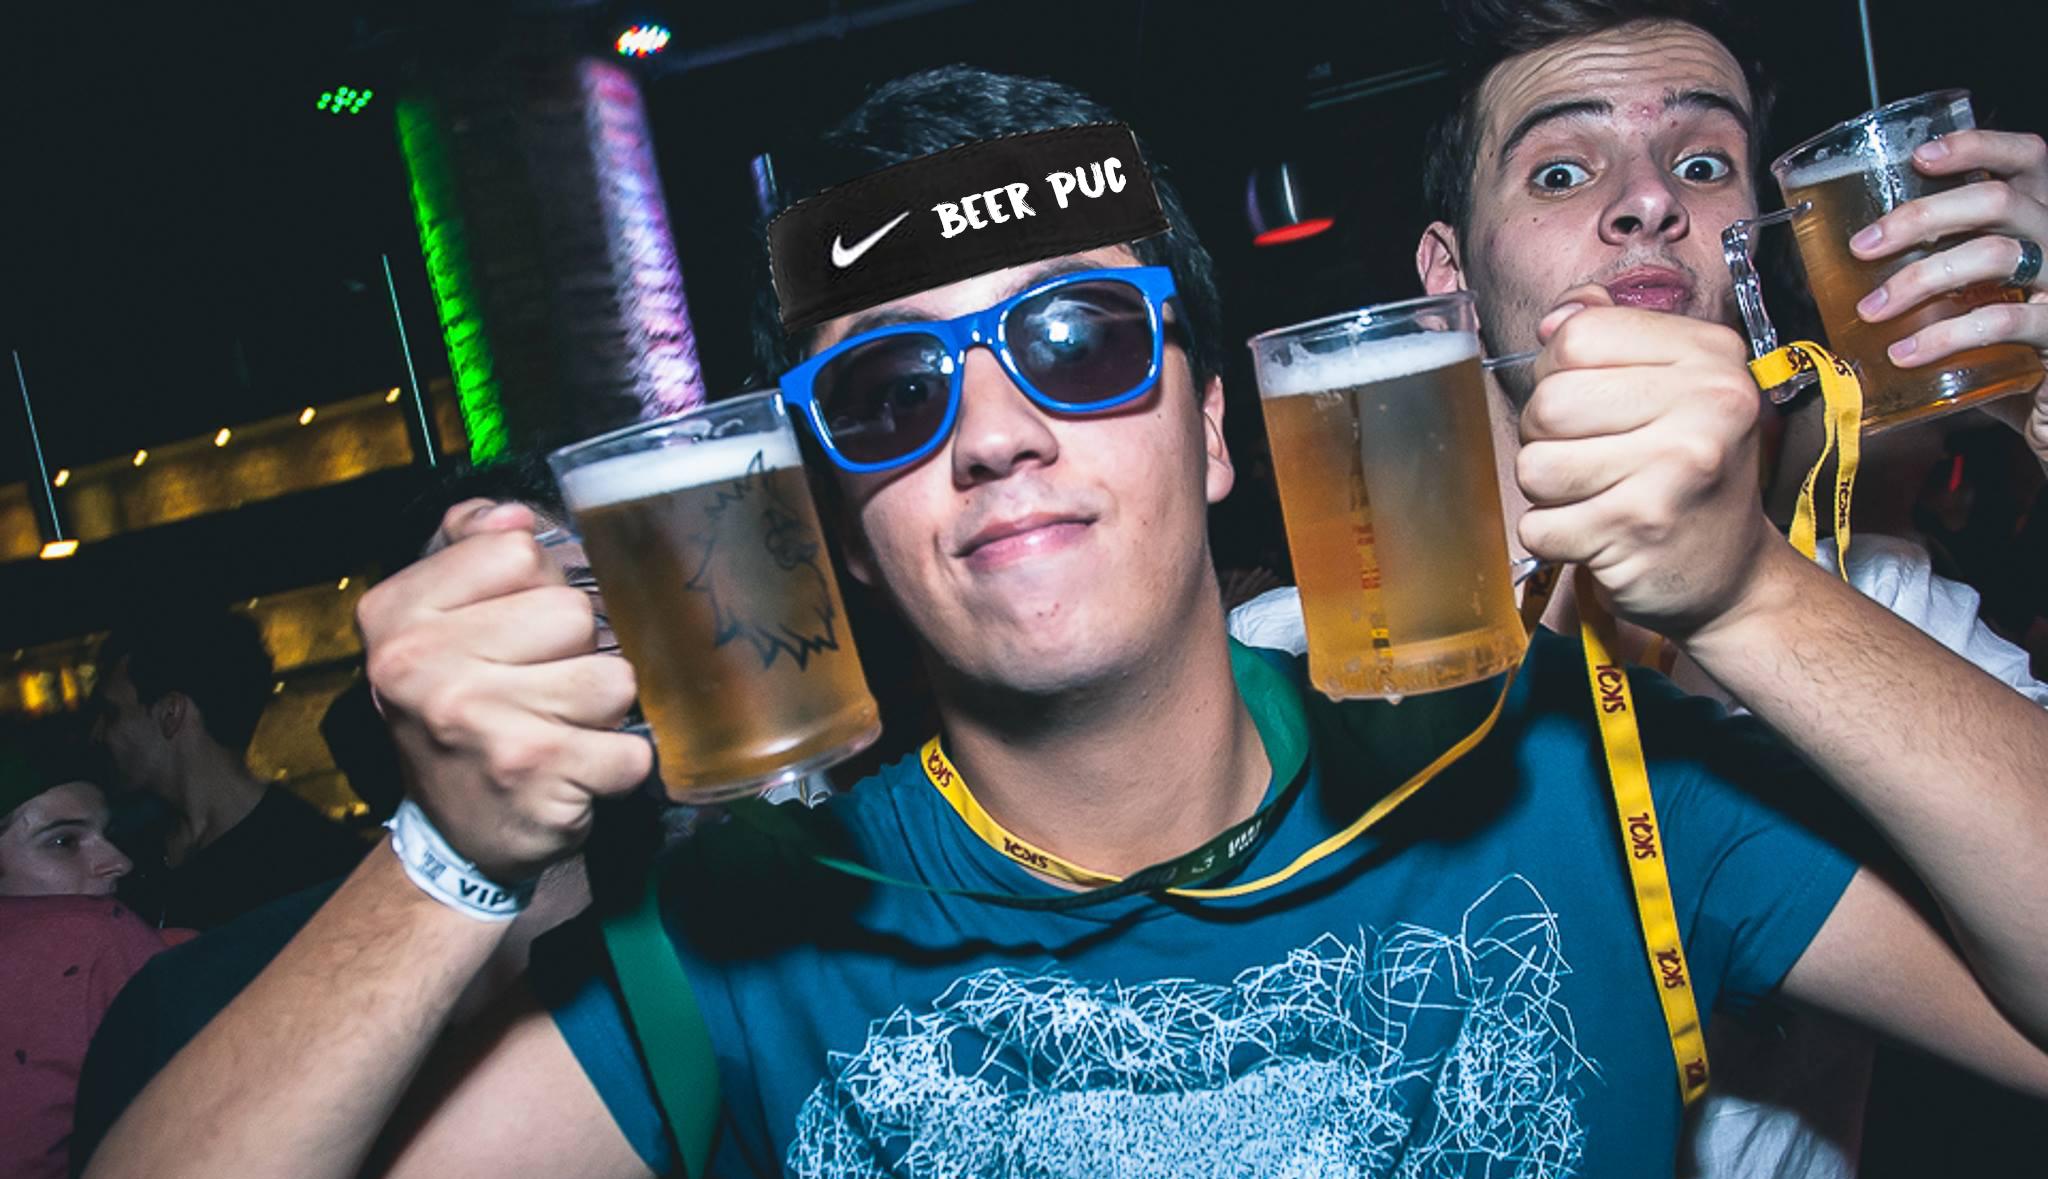 BEERPUC – O Maior Campeonato de Beer Pong Está Chegando